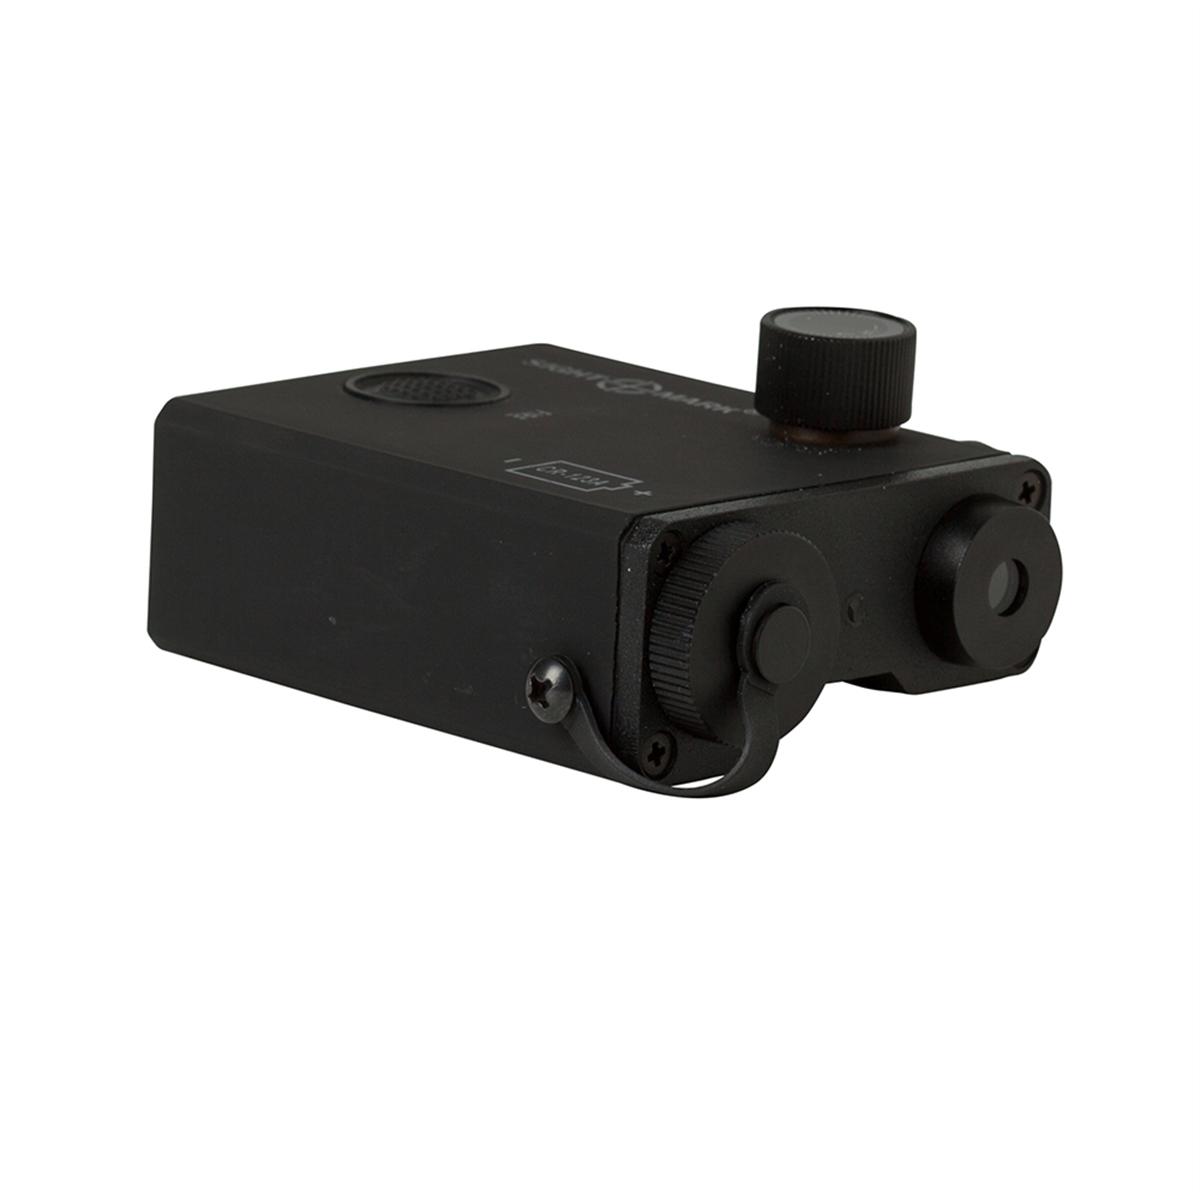 Sightmark-LoPro-Green-Laser-Designator-Sellmark-SM25001